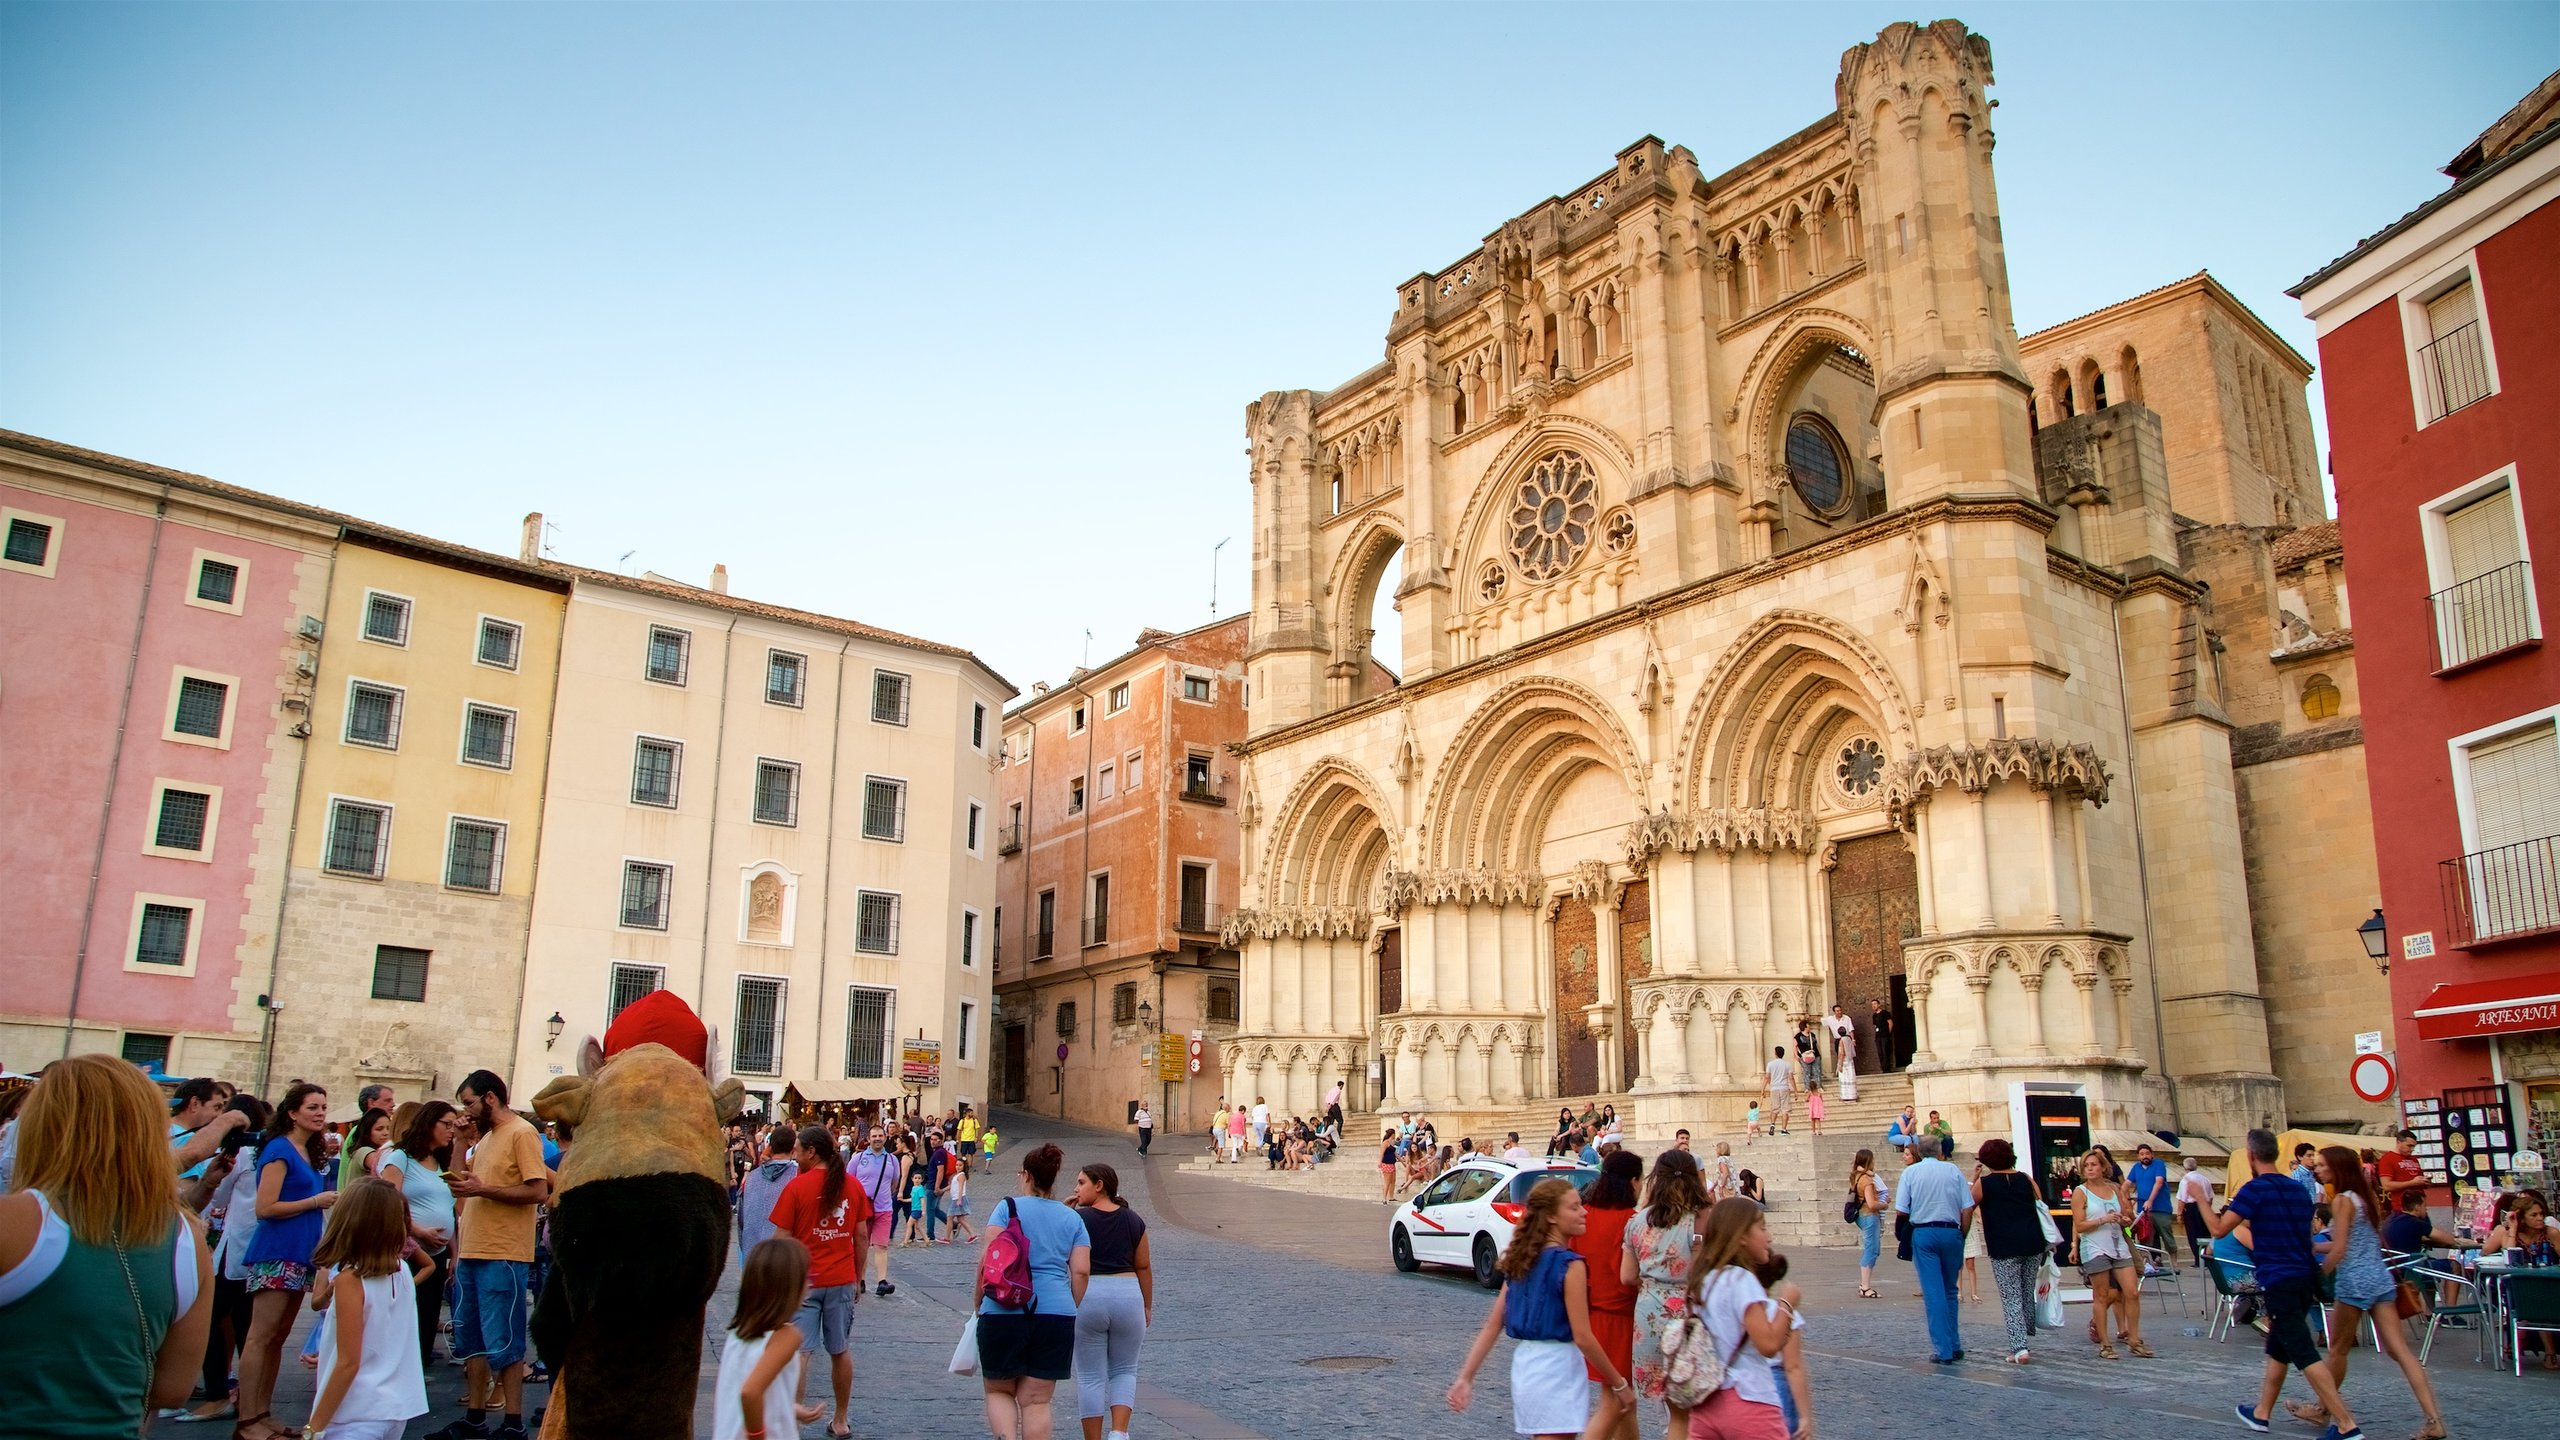 Old Town Cuenca, Cuenca, Castilla - La Mancha, Spain